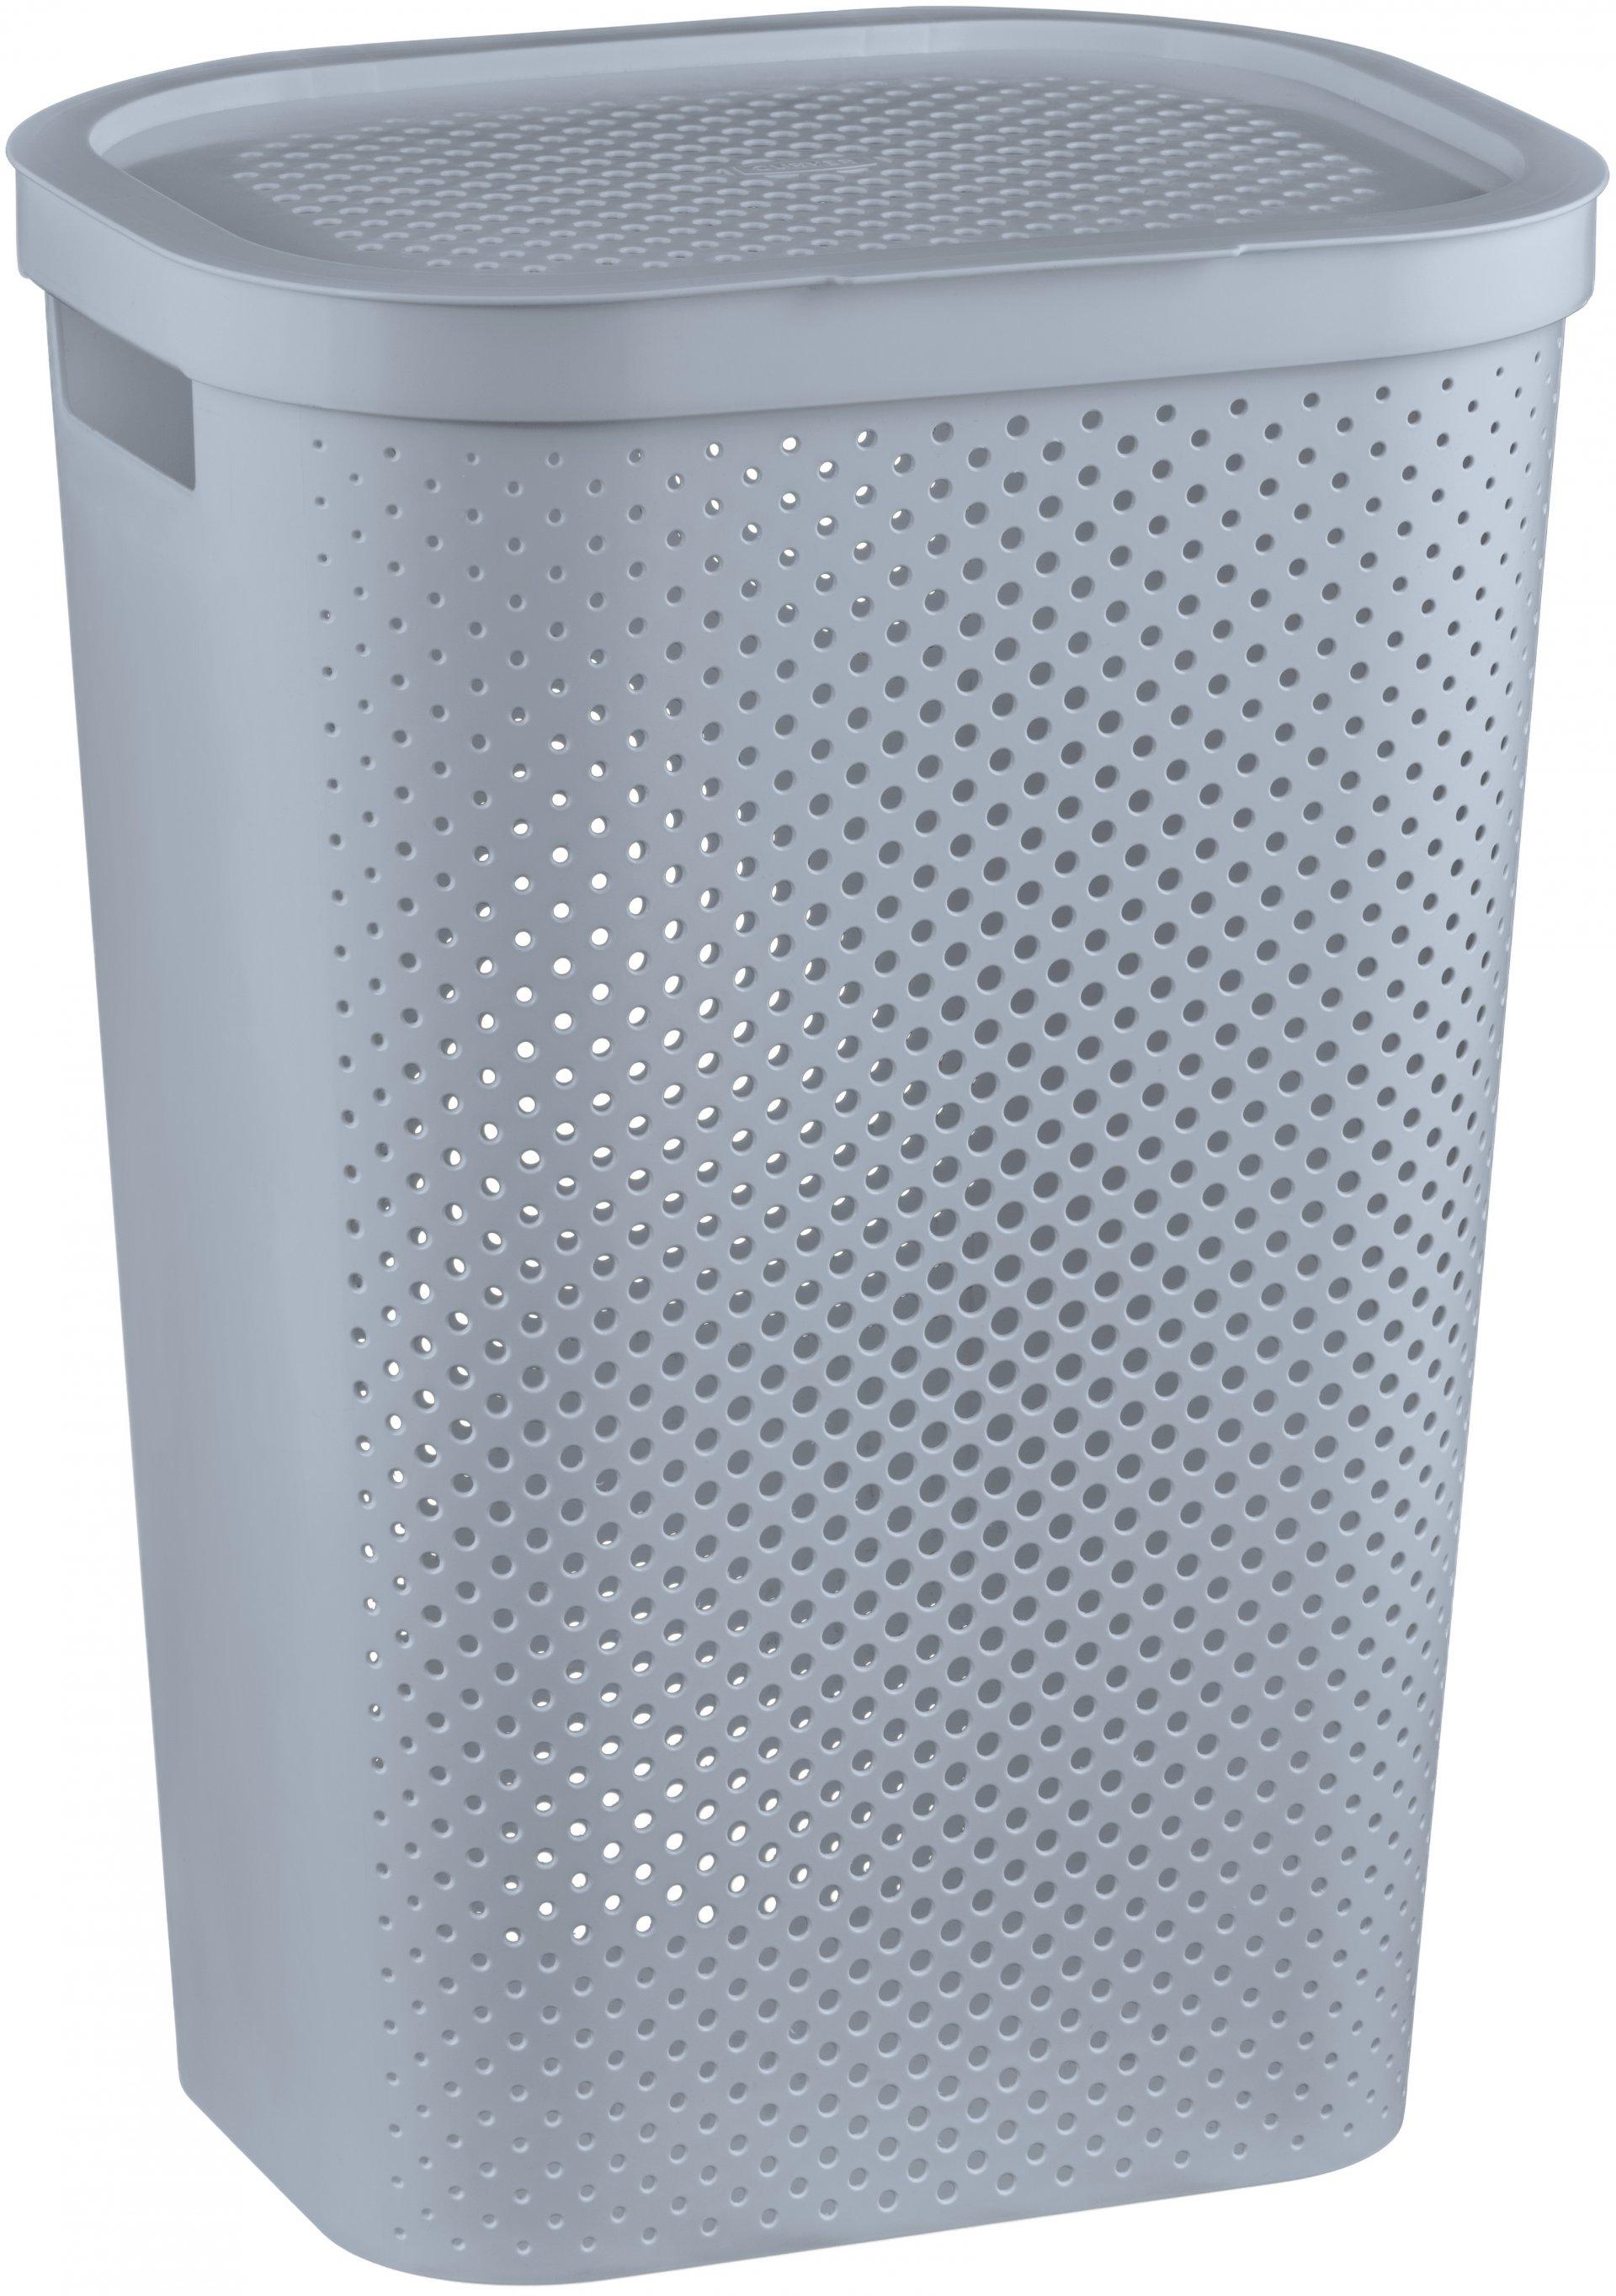 Curver Koš na špinavé prádlo INFINITY 59L šedý puntíky